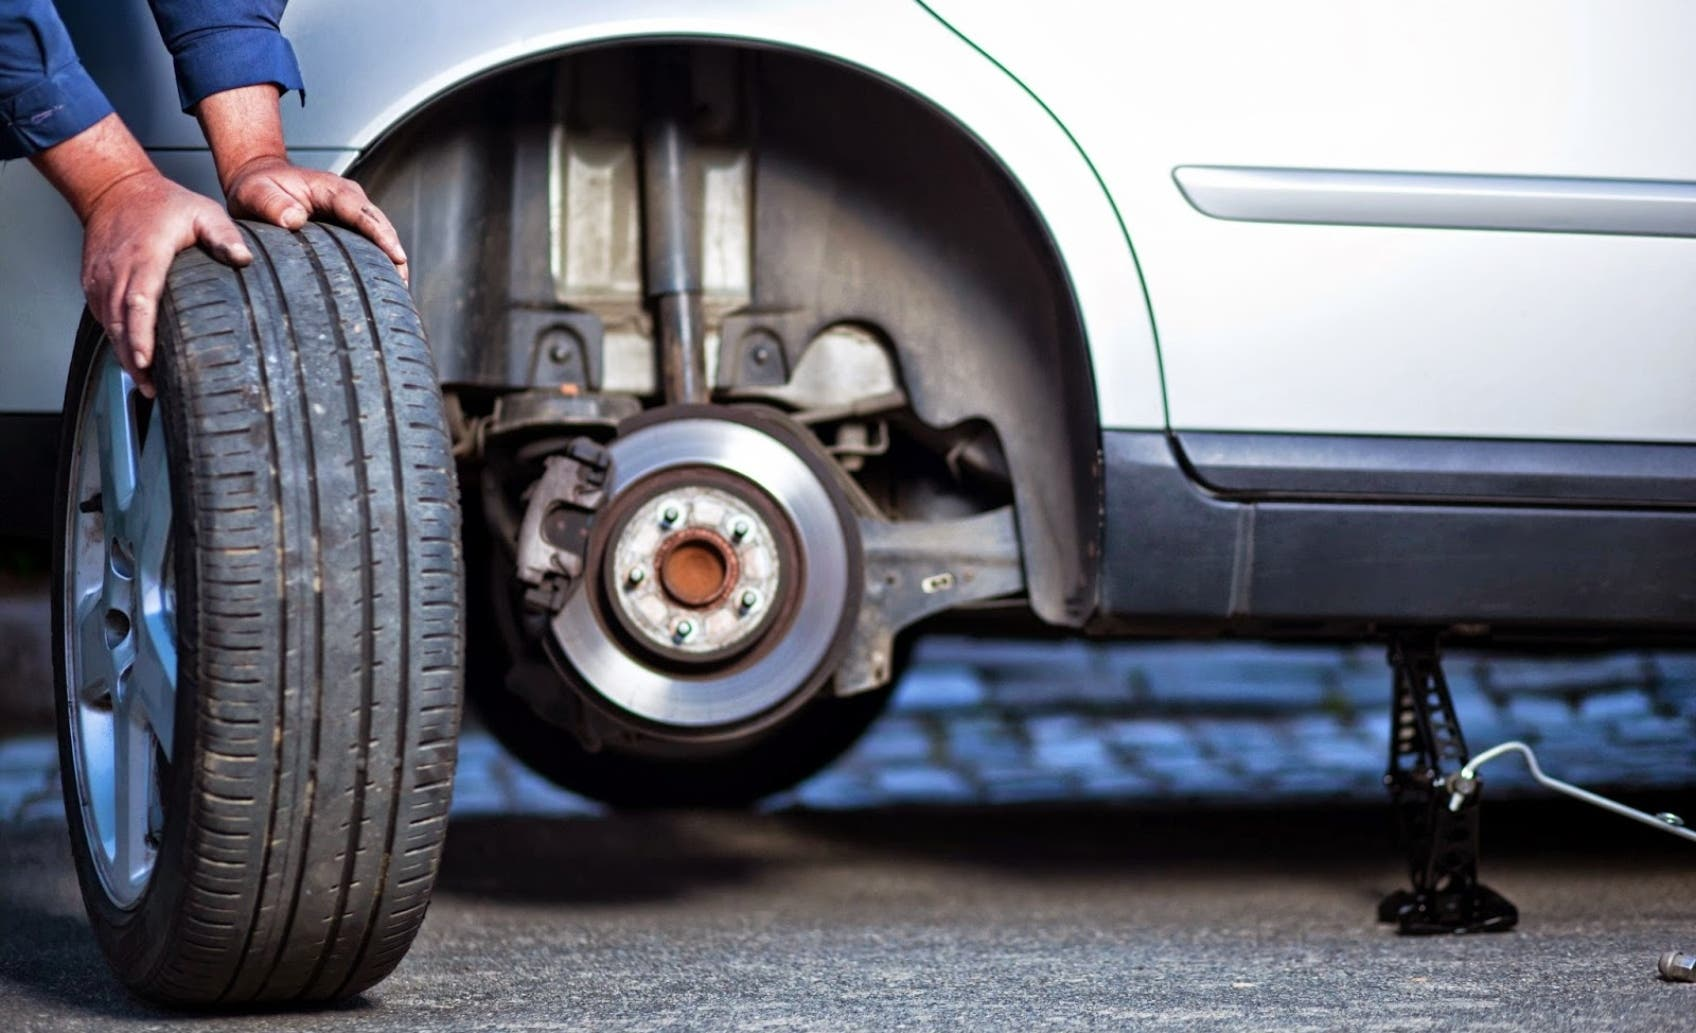 El balanceo es la forma de equilibrar el peso de la llanta y se recomienda cada 6 meses o 5 mil  kilómetros en un auto de uso normal.